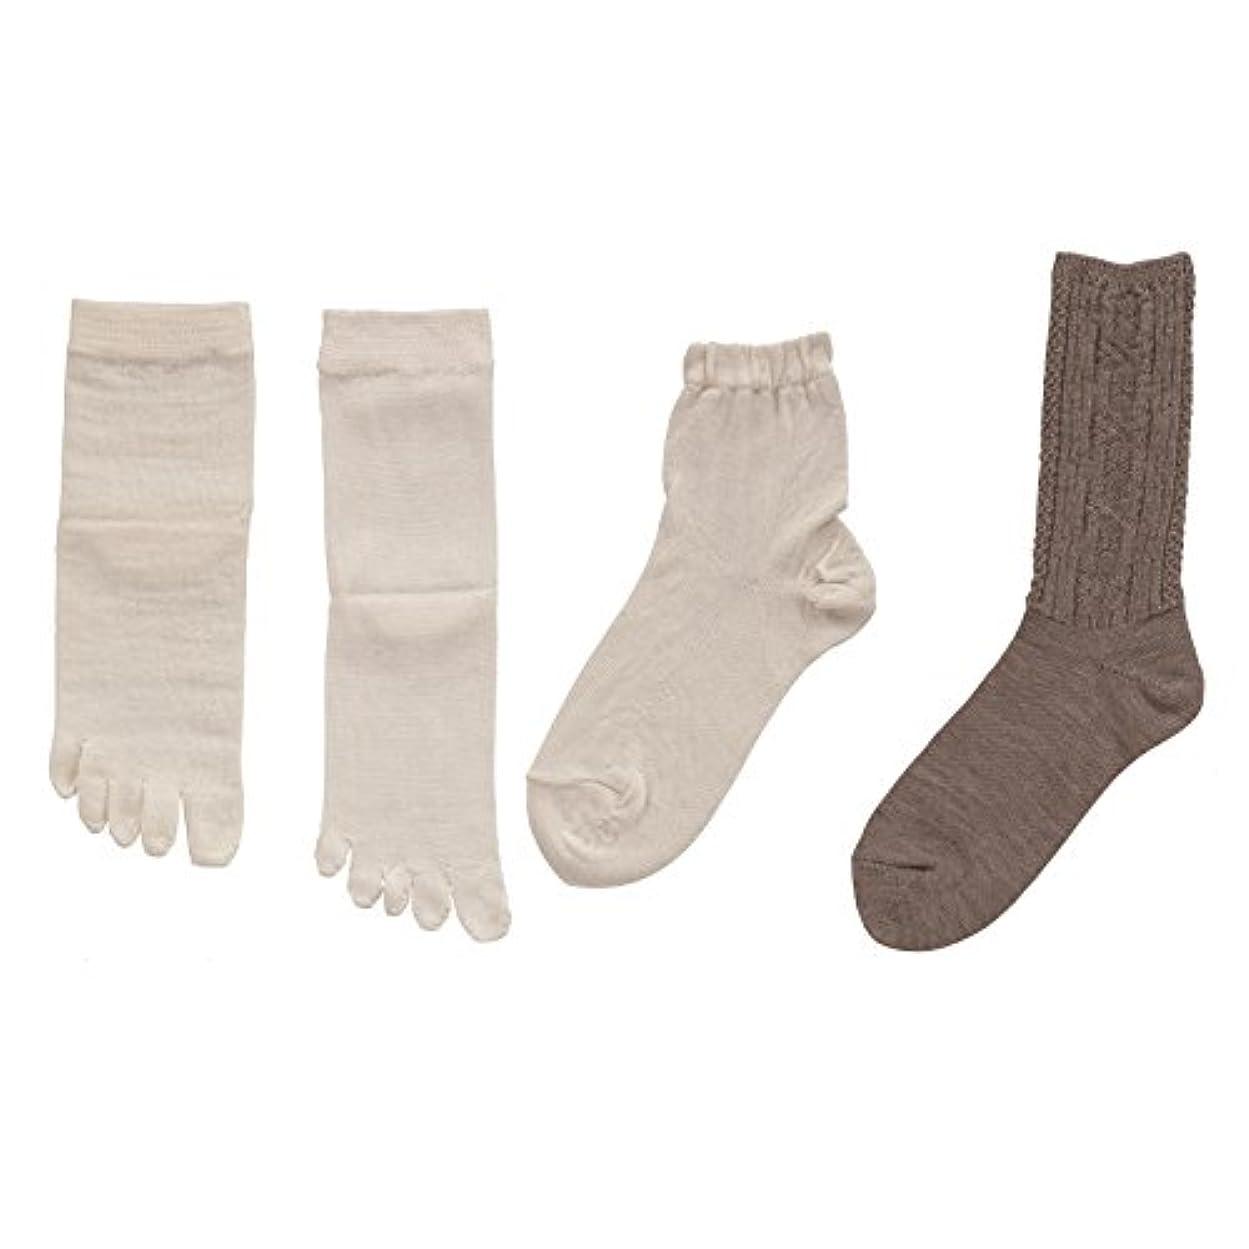 アラブサラボシェード哀砂山靴下 TUMUGI 絹と毛の4枚重ね履き靴下 グレー